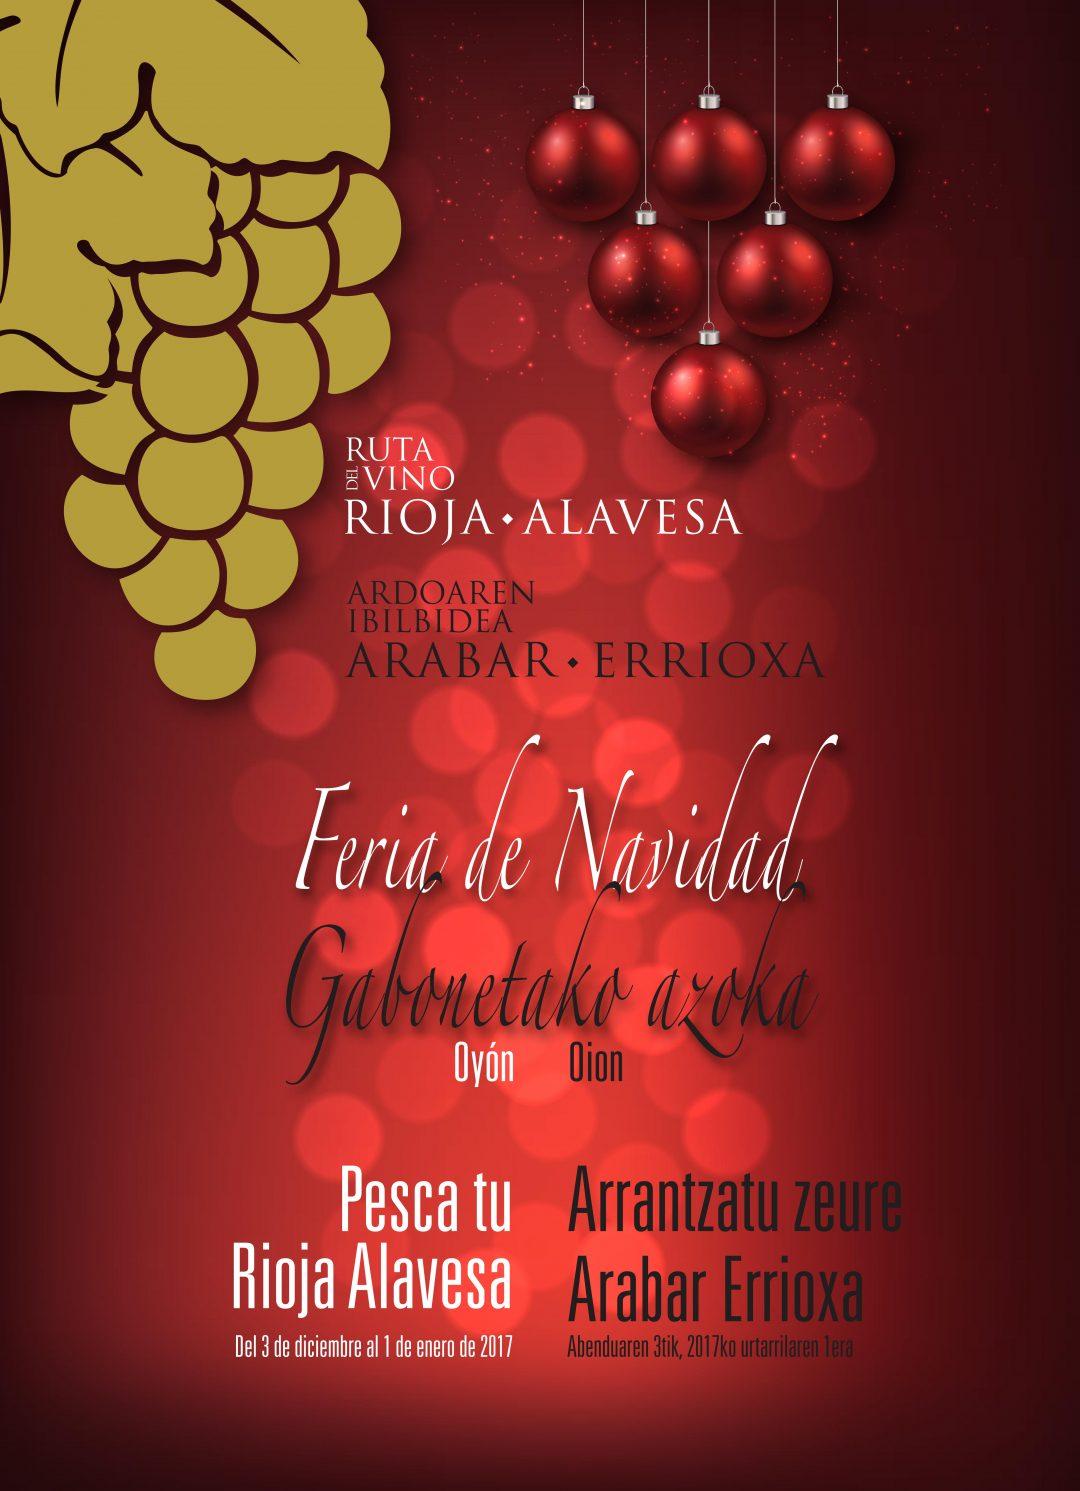 Feria de Navidad en La Ruta del Vino de Rioja Alavesa